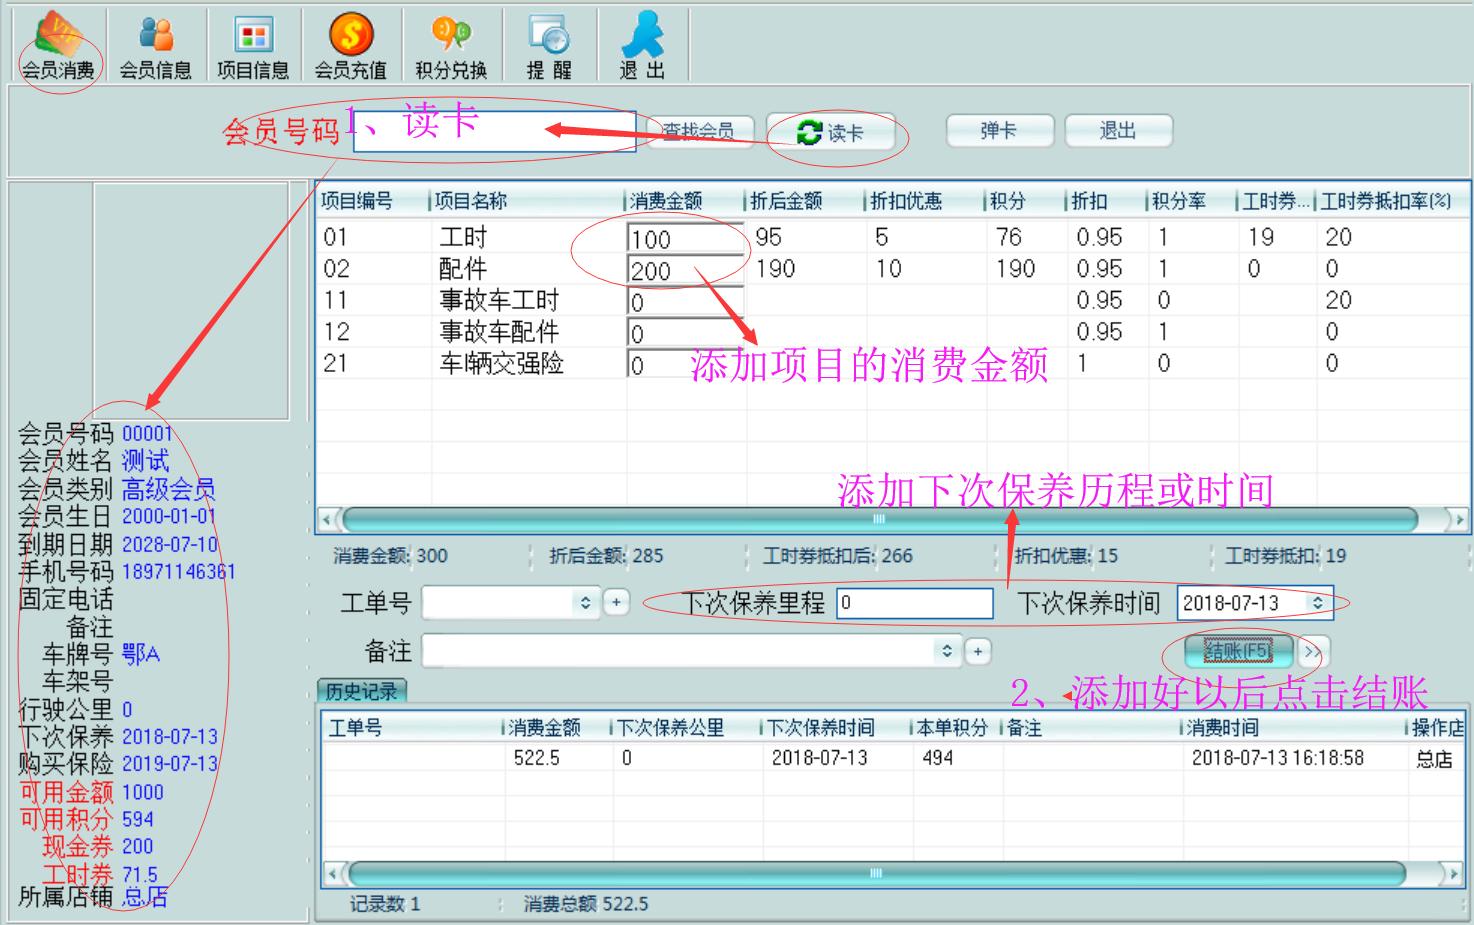 旭荣4S店会员管理系统截图2